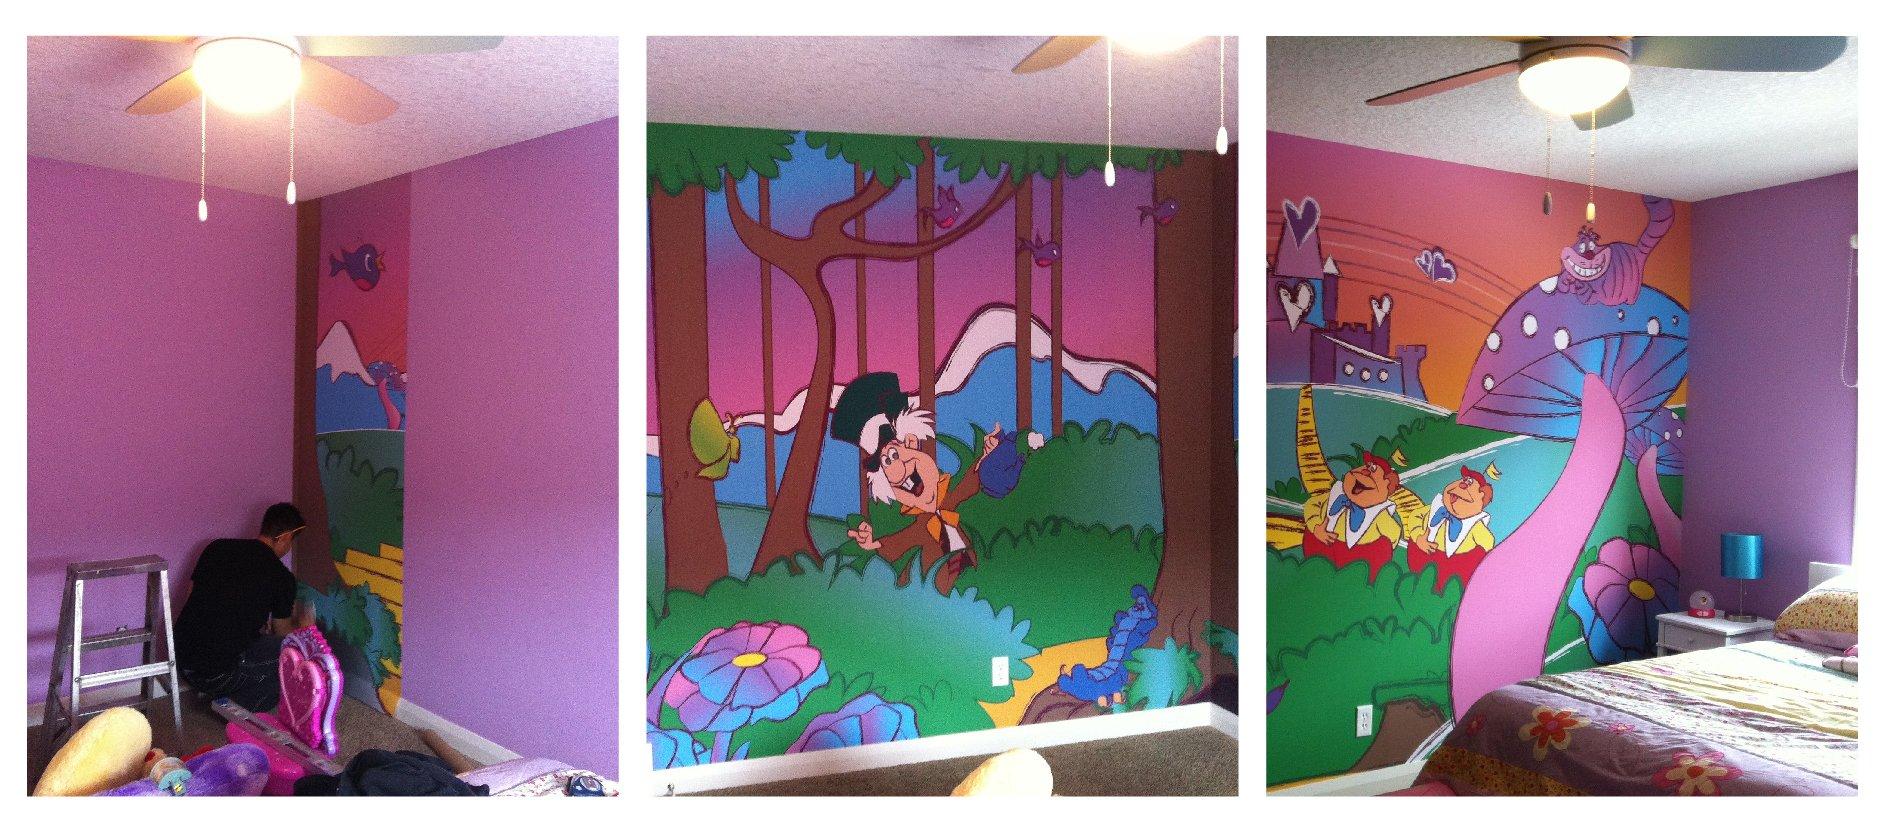 Wall Decal Blog-Charleys Room-04